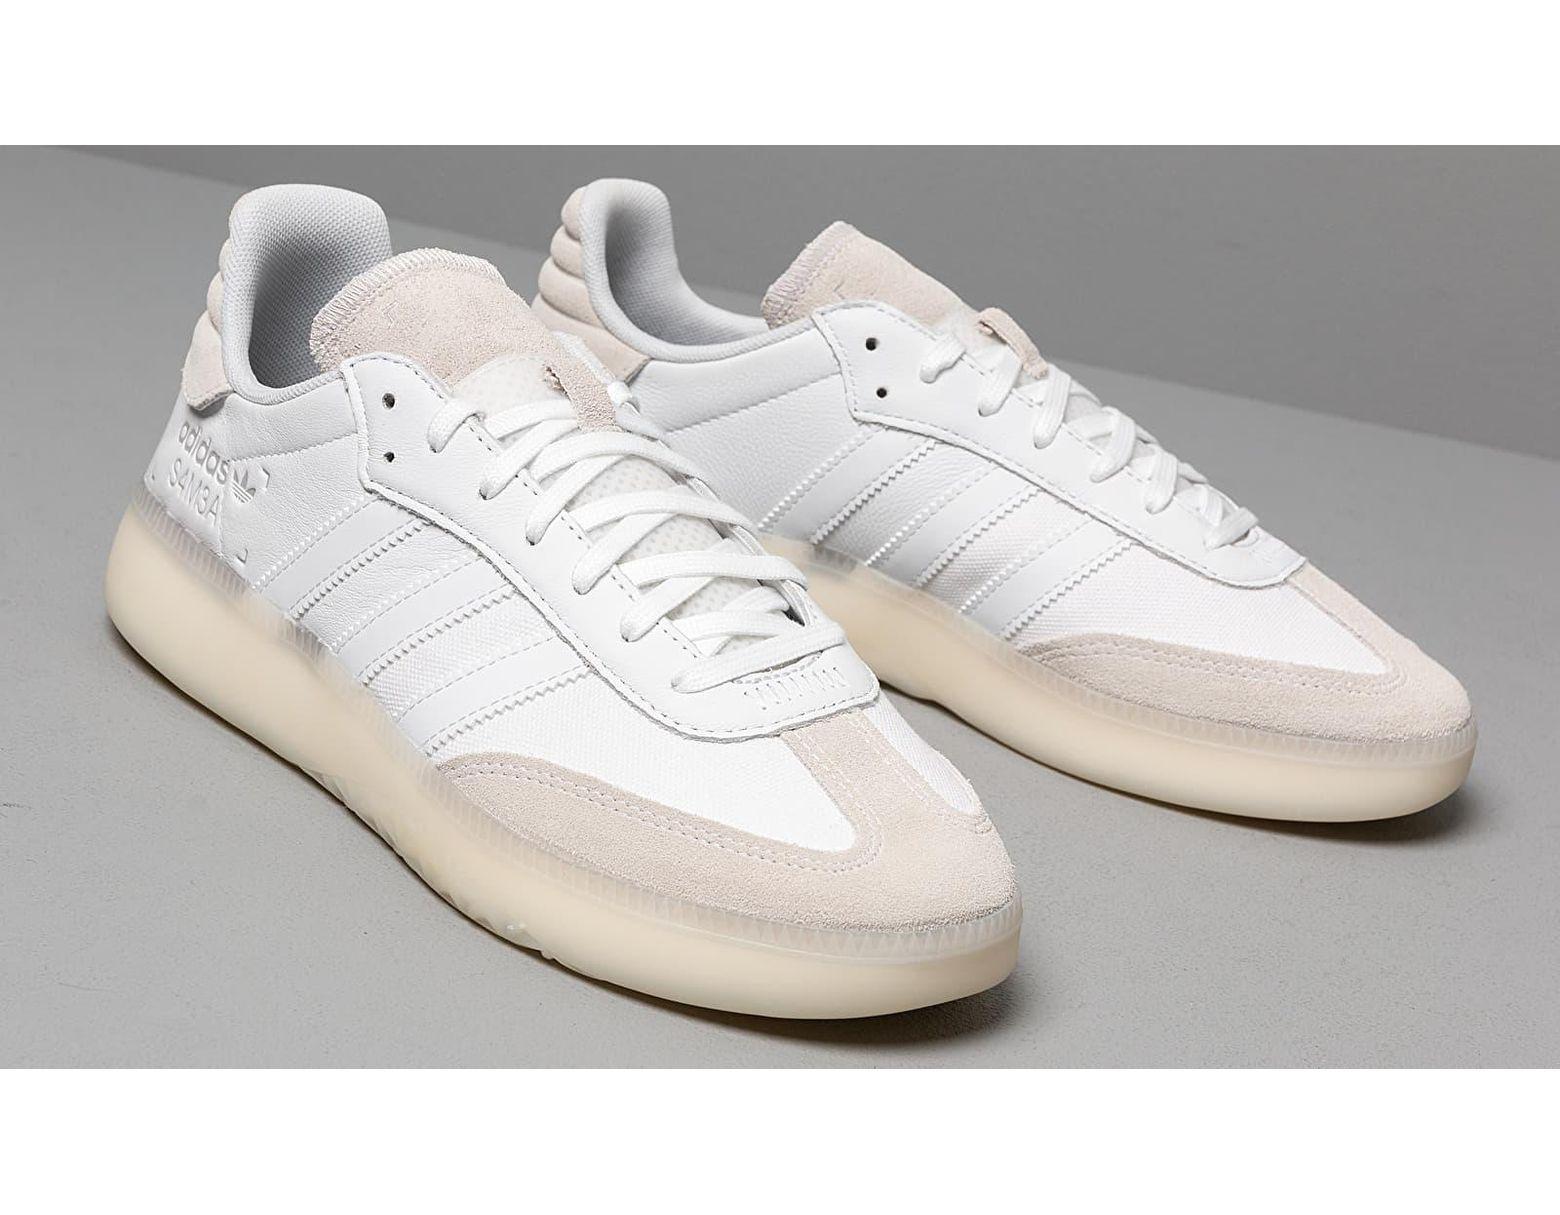 Women's Adidas Samba Rm Ftw White/ Ftw White/ Gray Two